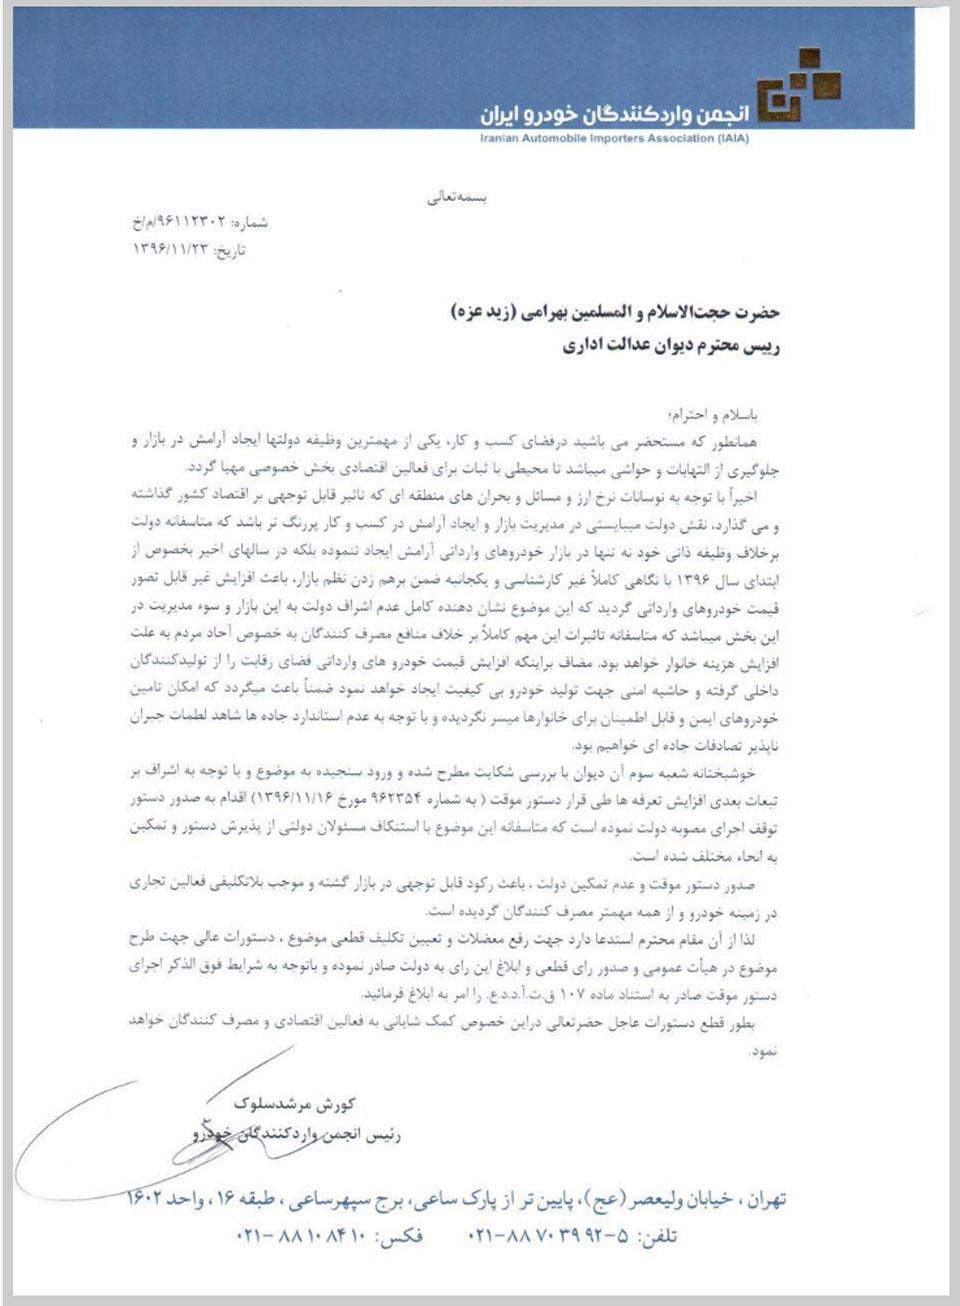 درخواست انجمن واردکنندگان از رییس دیوان عدالت اداری